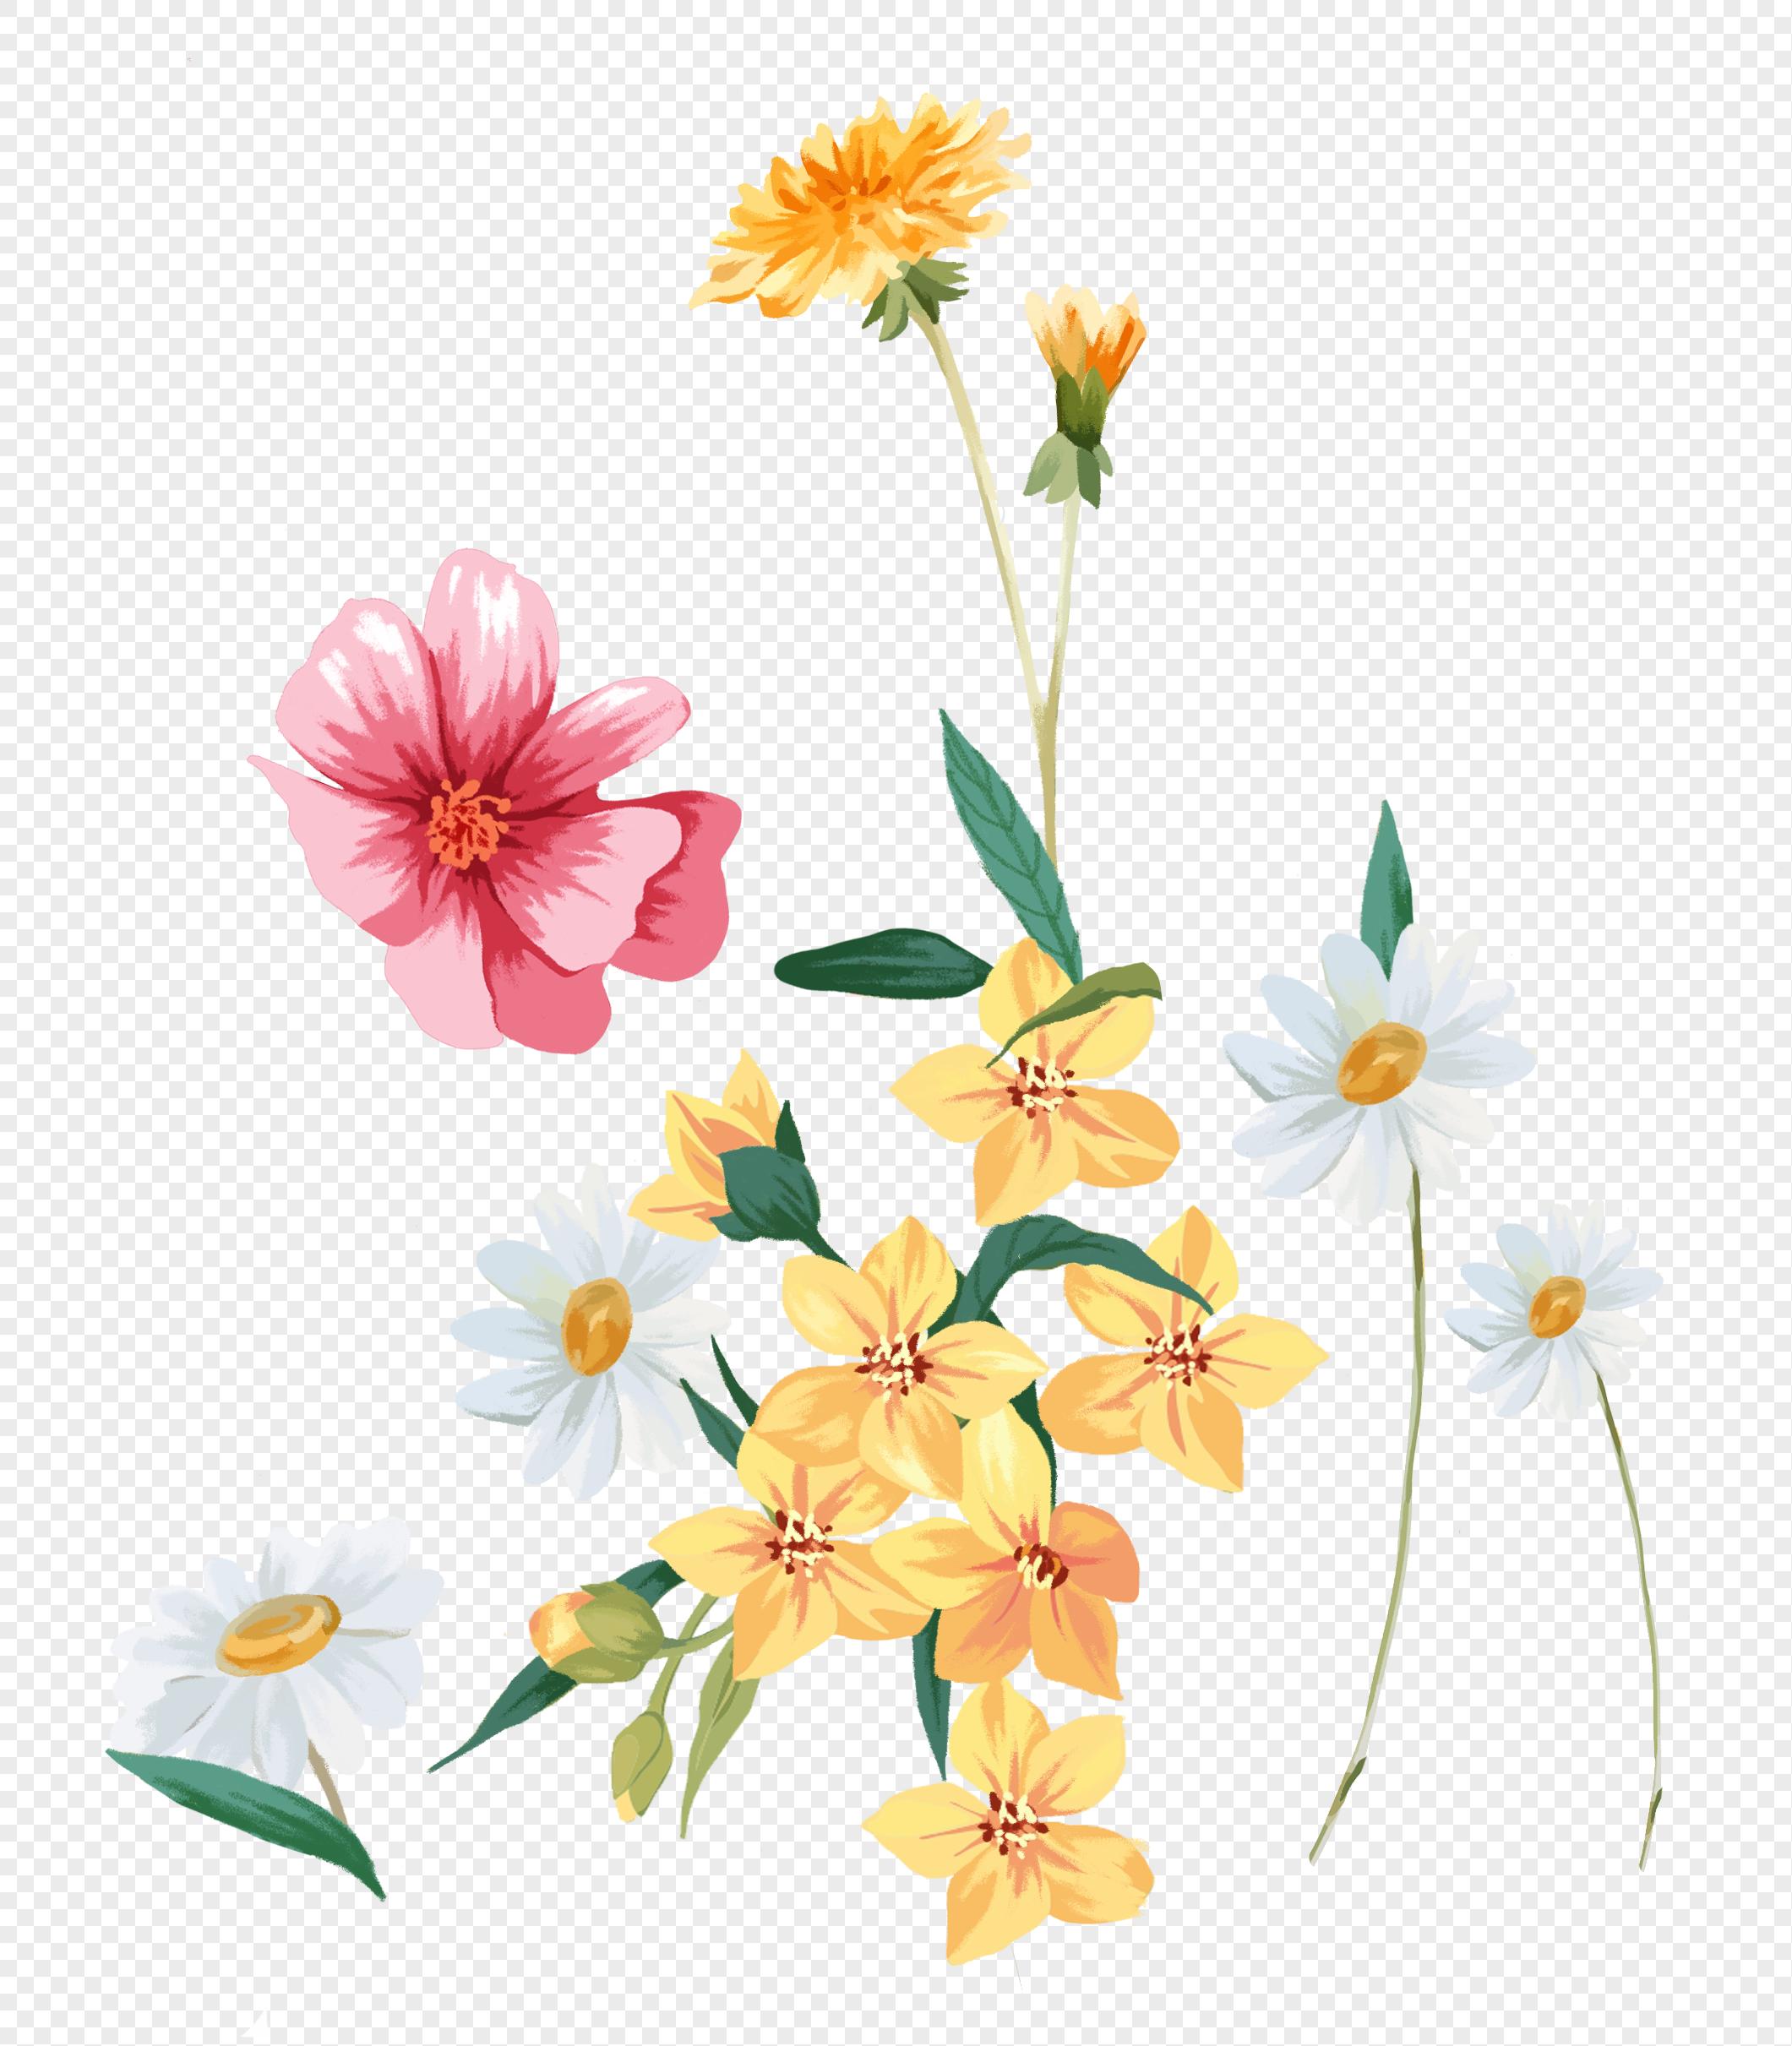 手绘小雏菊绿植背景素材